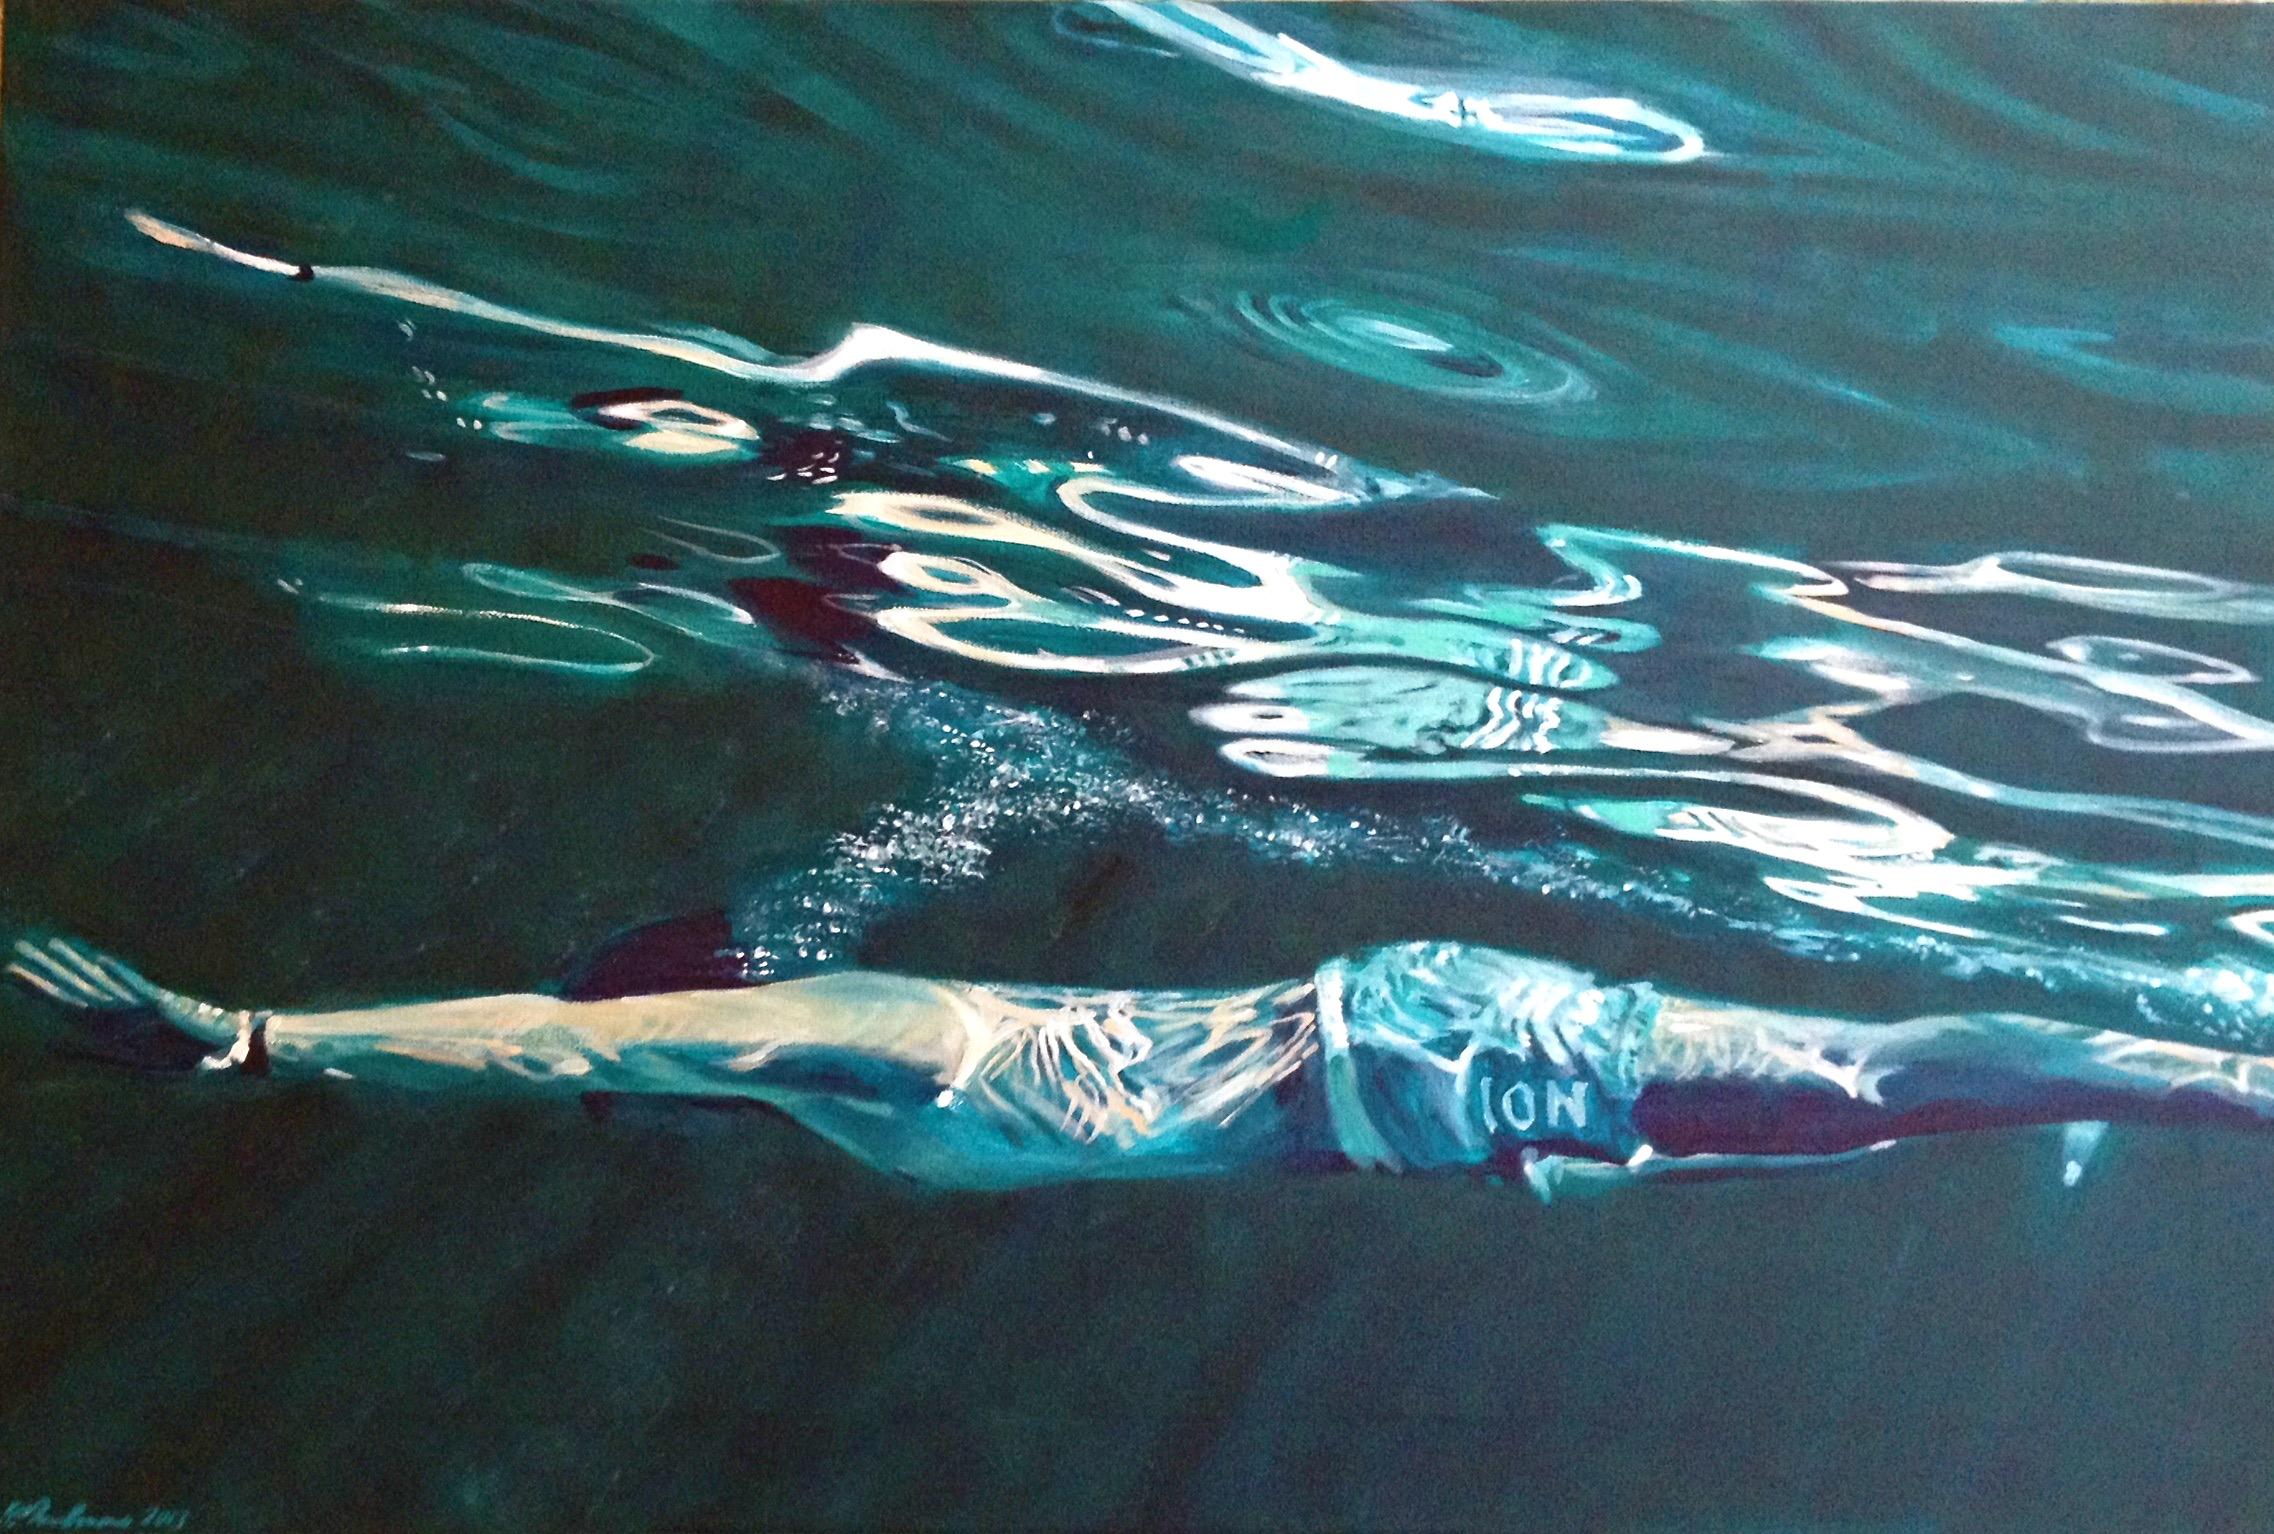 Diver No. 02